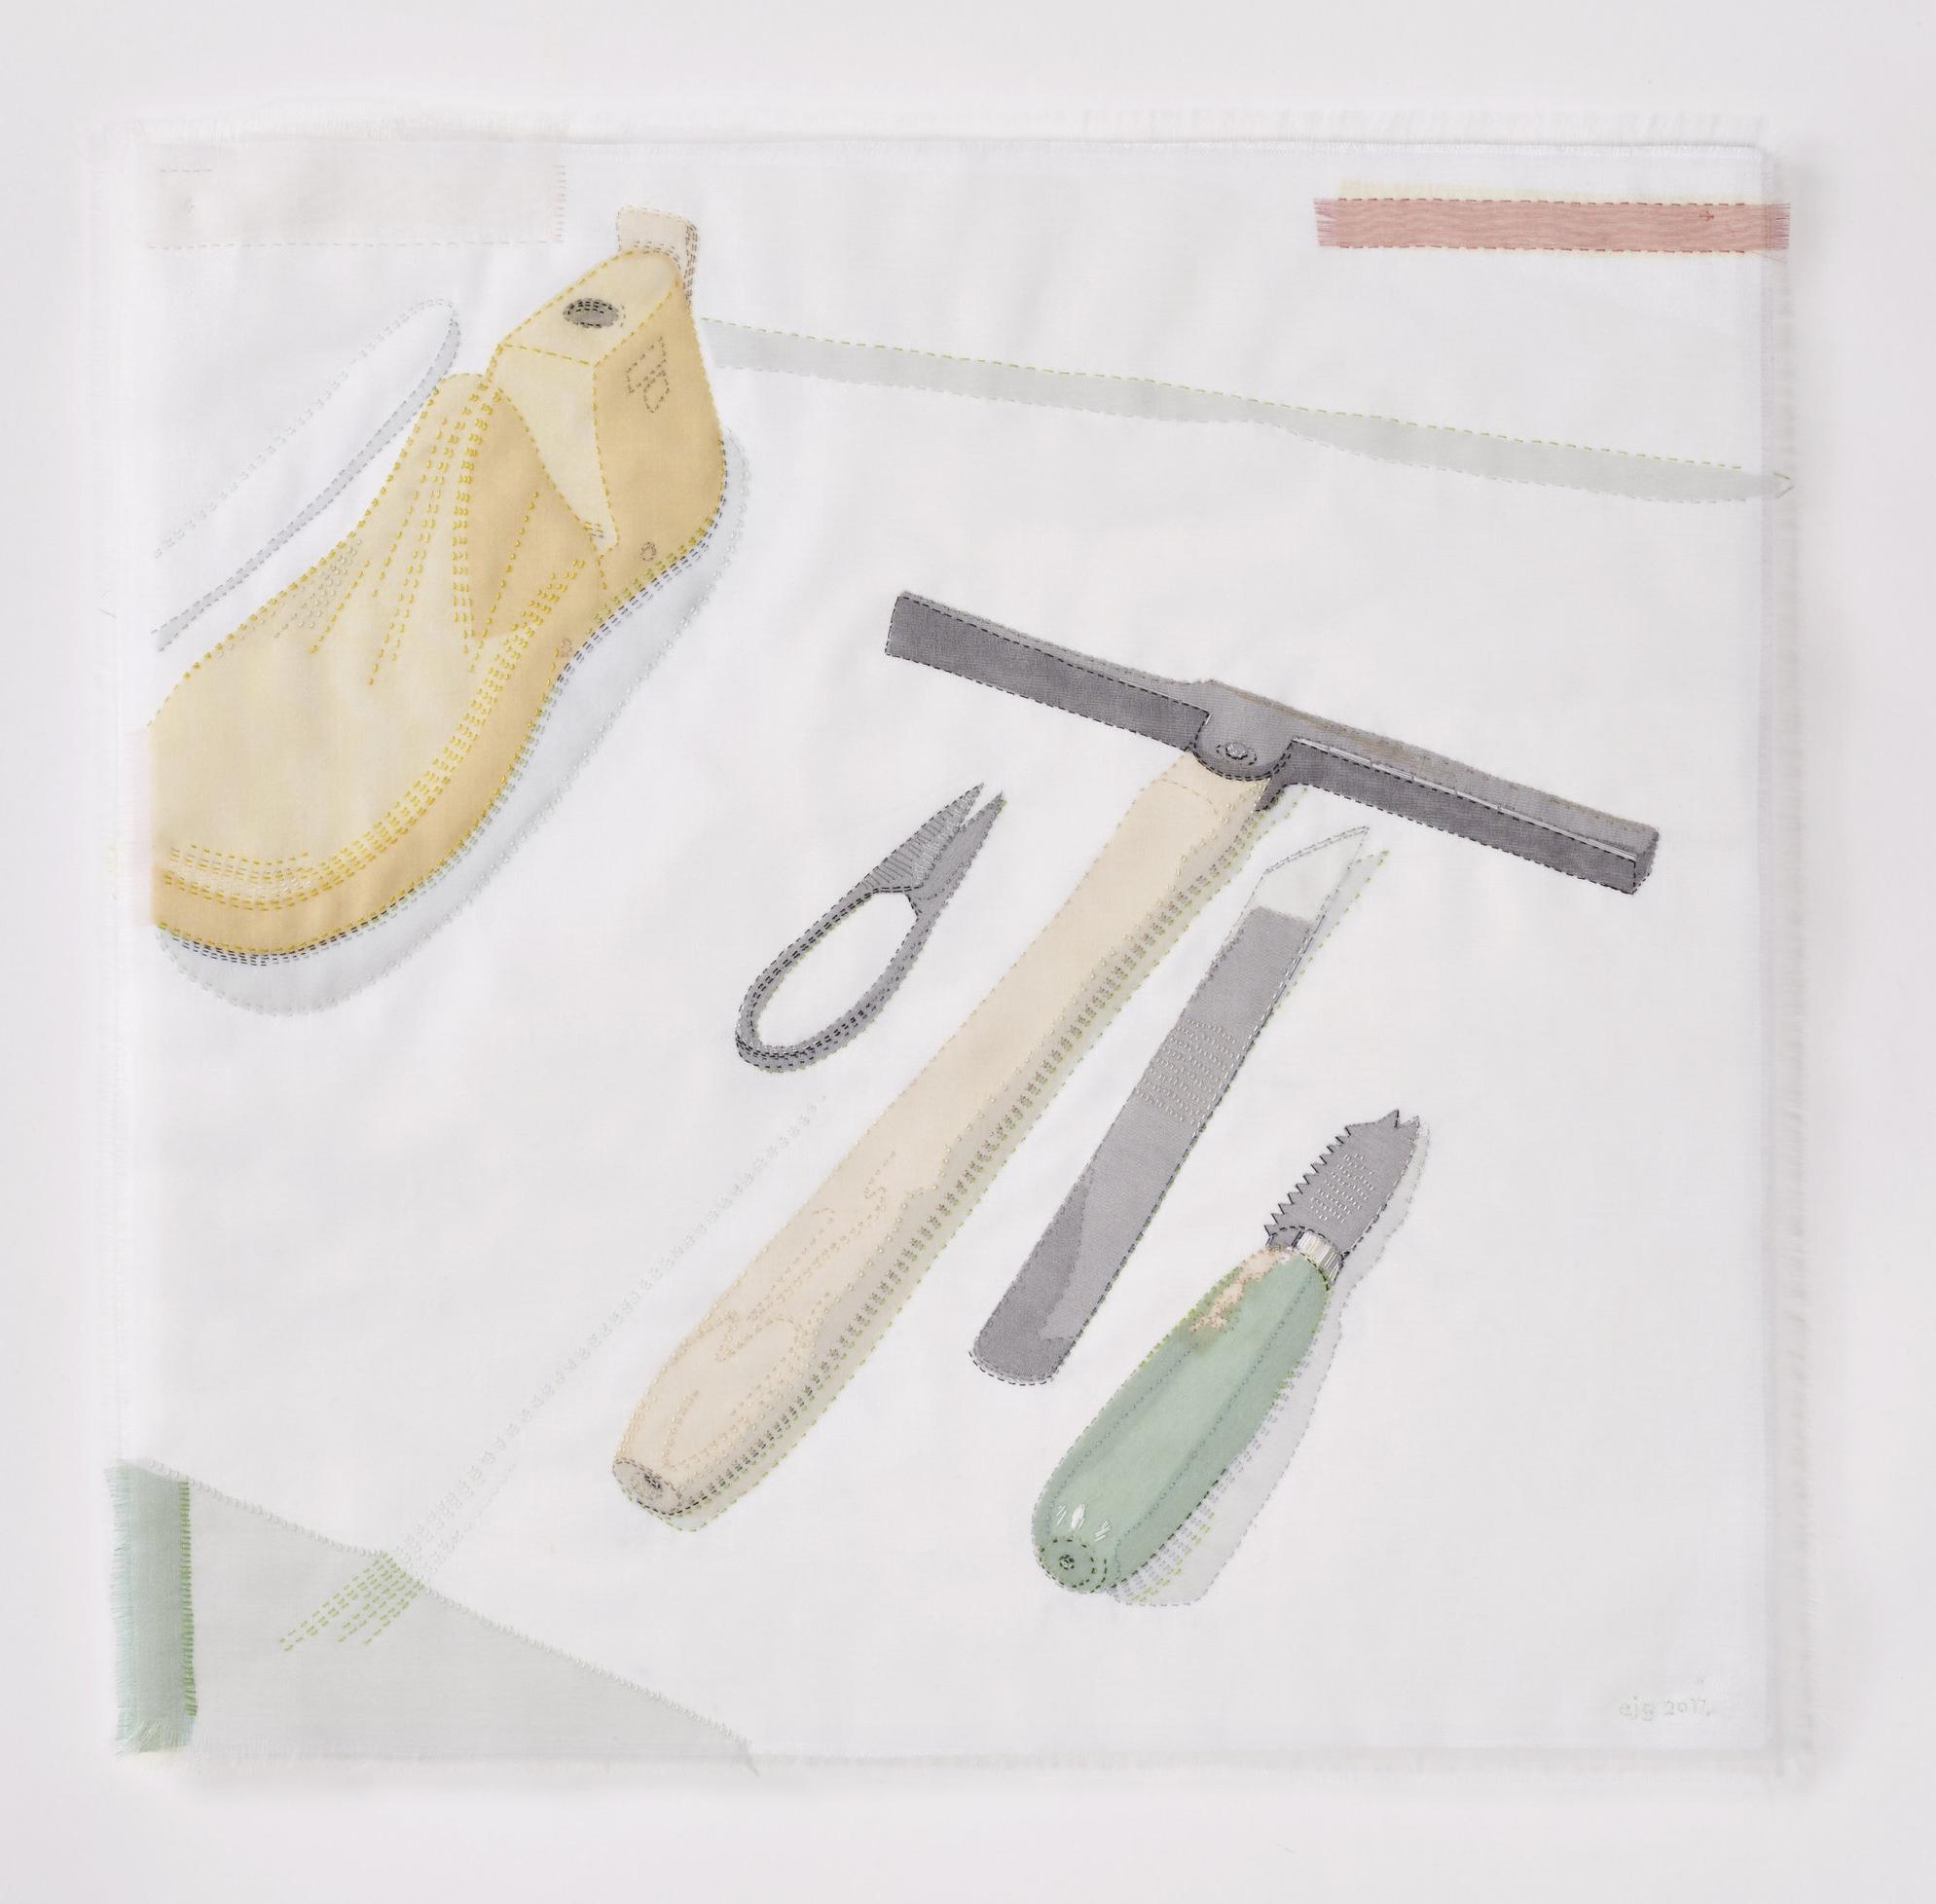 Portrait of Shoemaker 2017, 45cm x 46cm, hand stitched silk organza appliqué on linen. AVAILABLE  please enquire